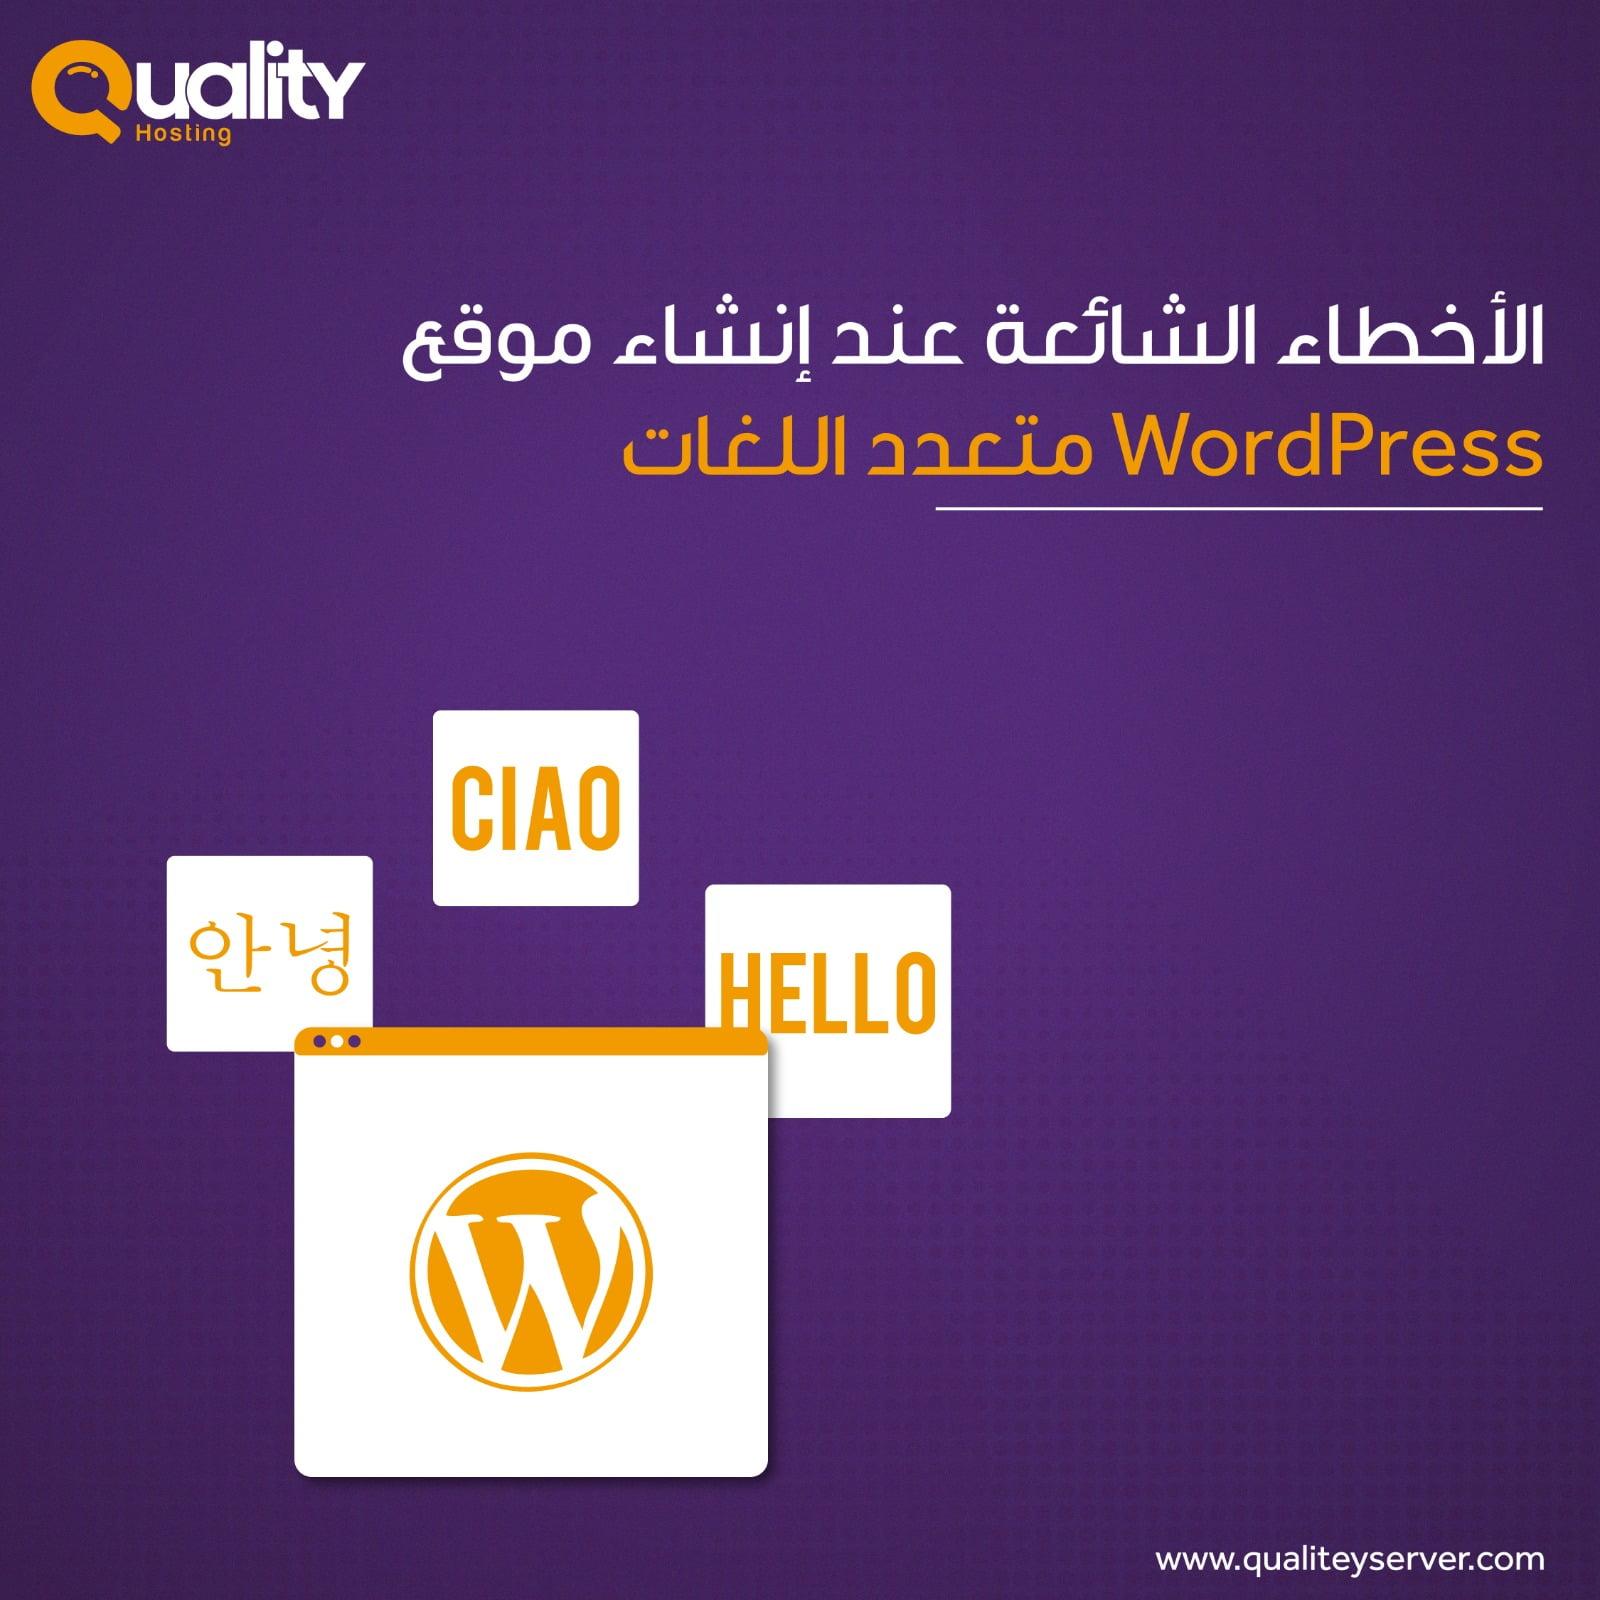 الأخطاء الشائعة عند إنشاء موقع WordPress متعدد اللغات